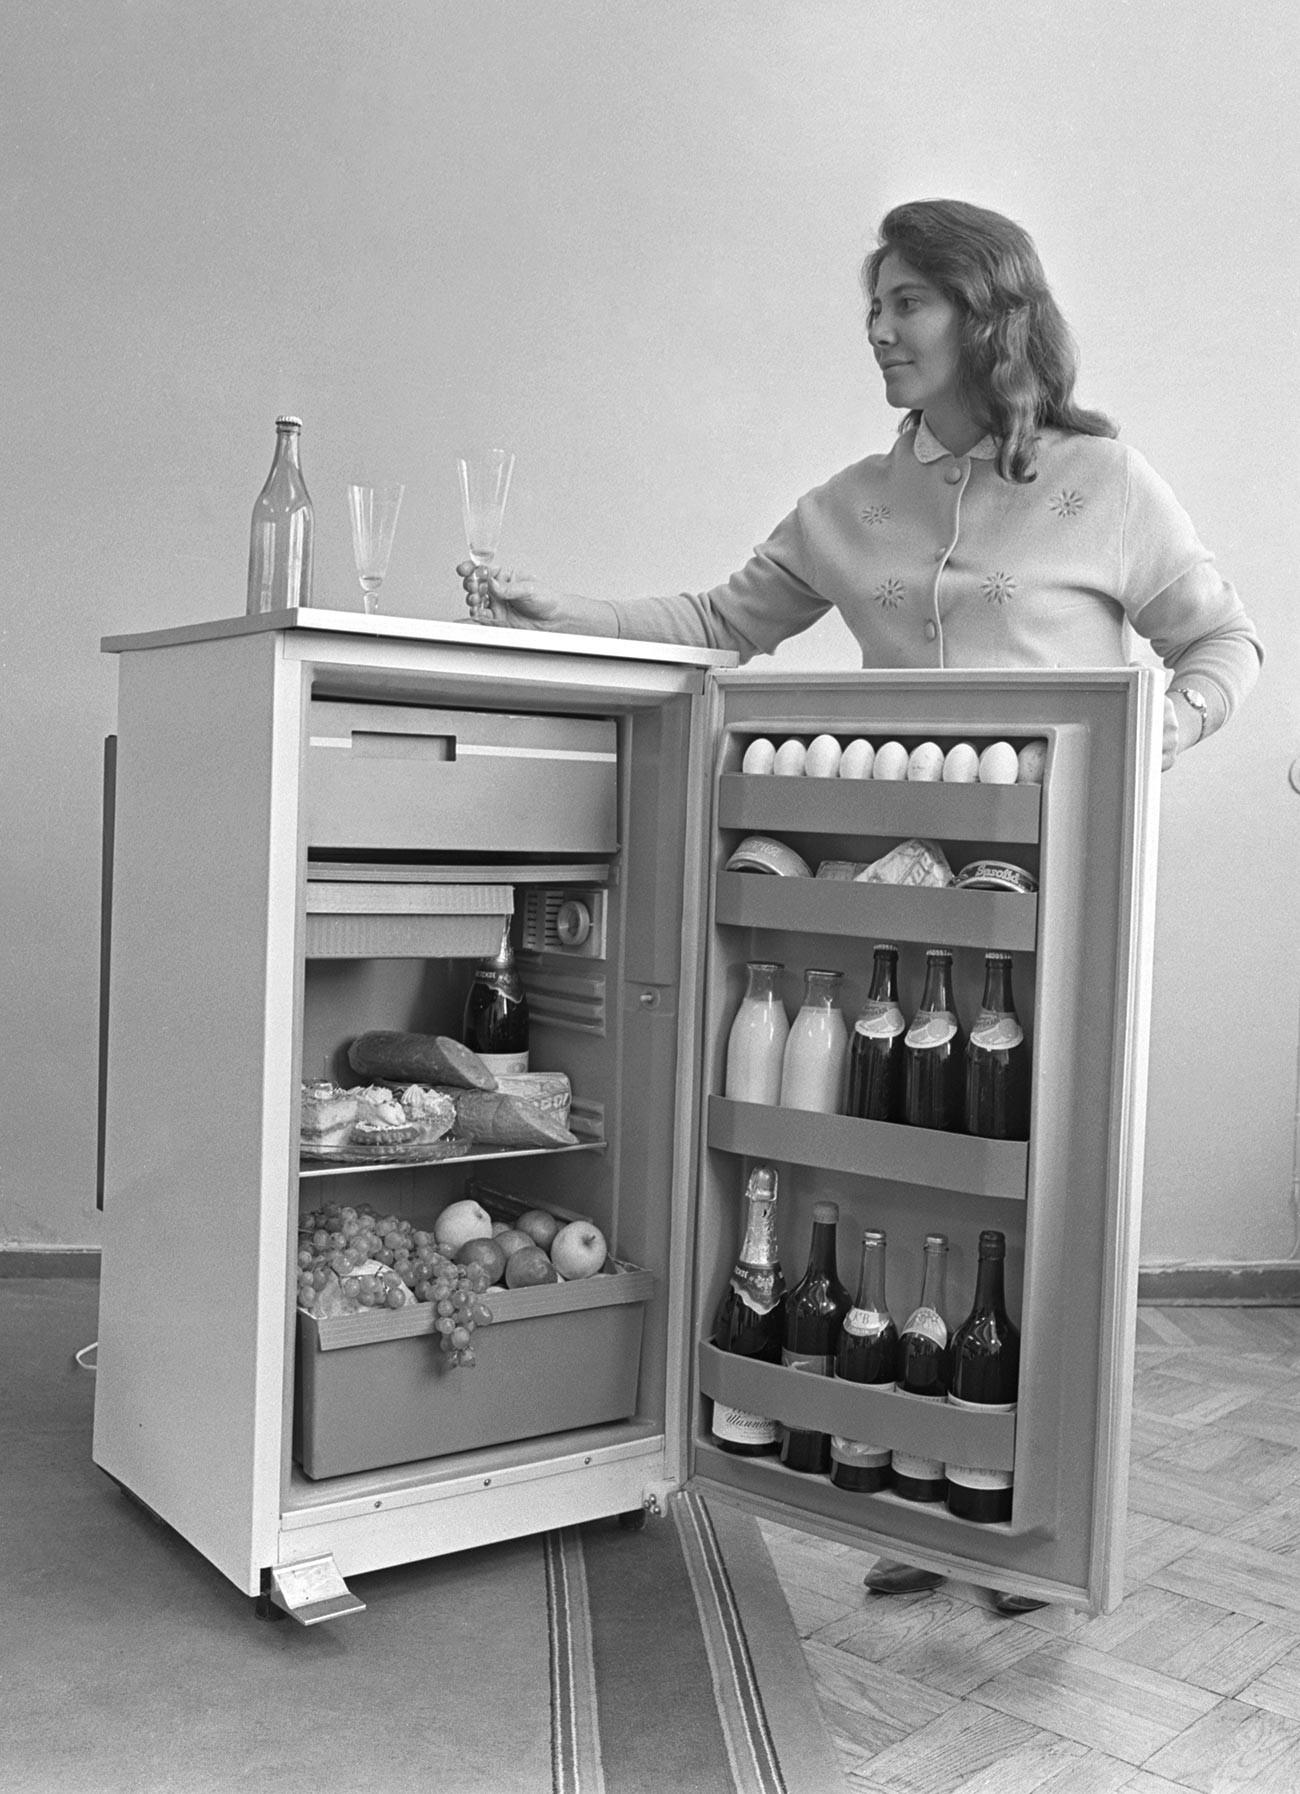 Chișinău Kühlschrankanlage, 1970